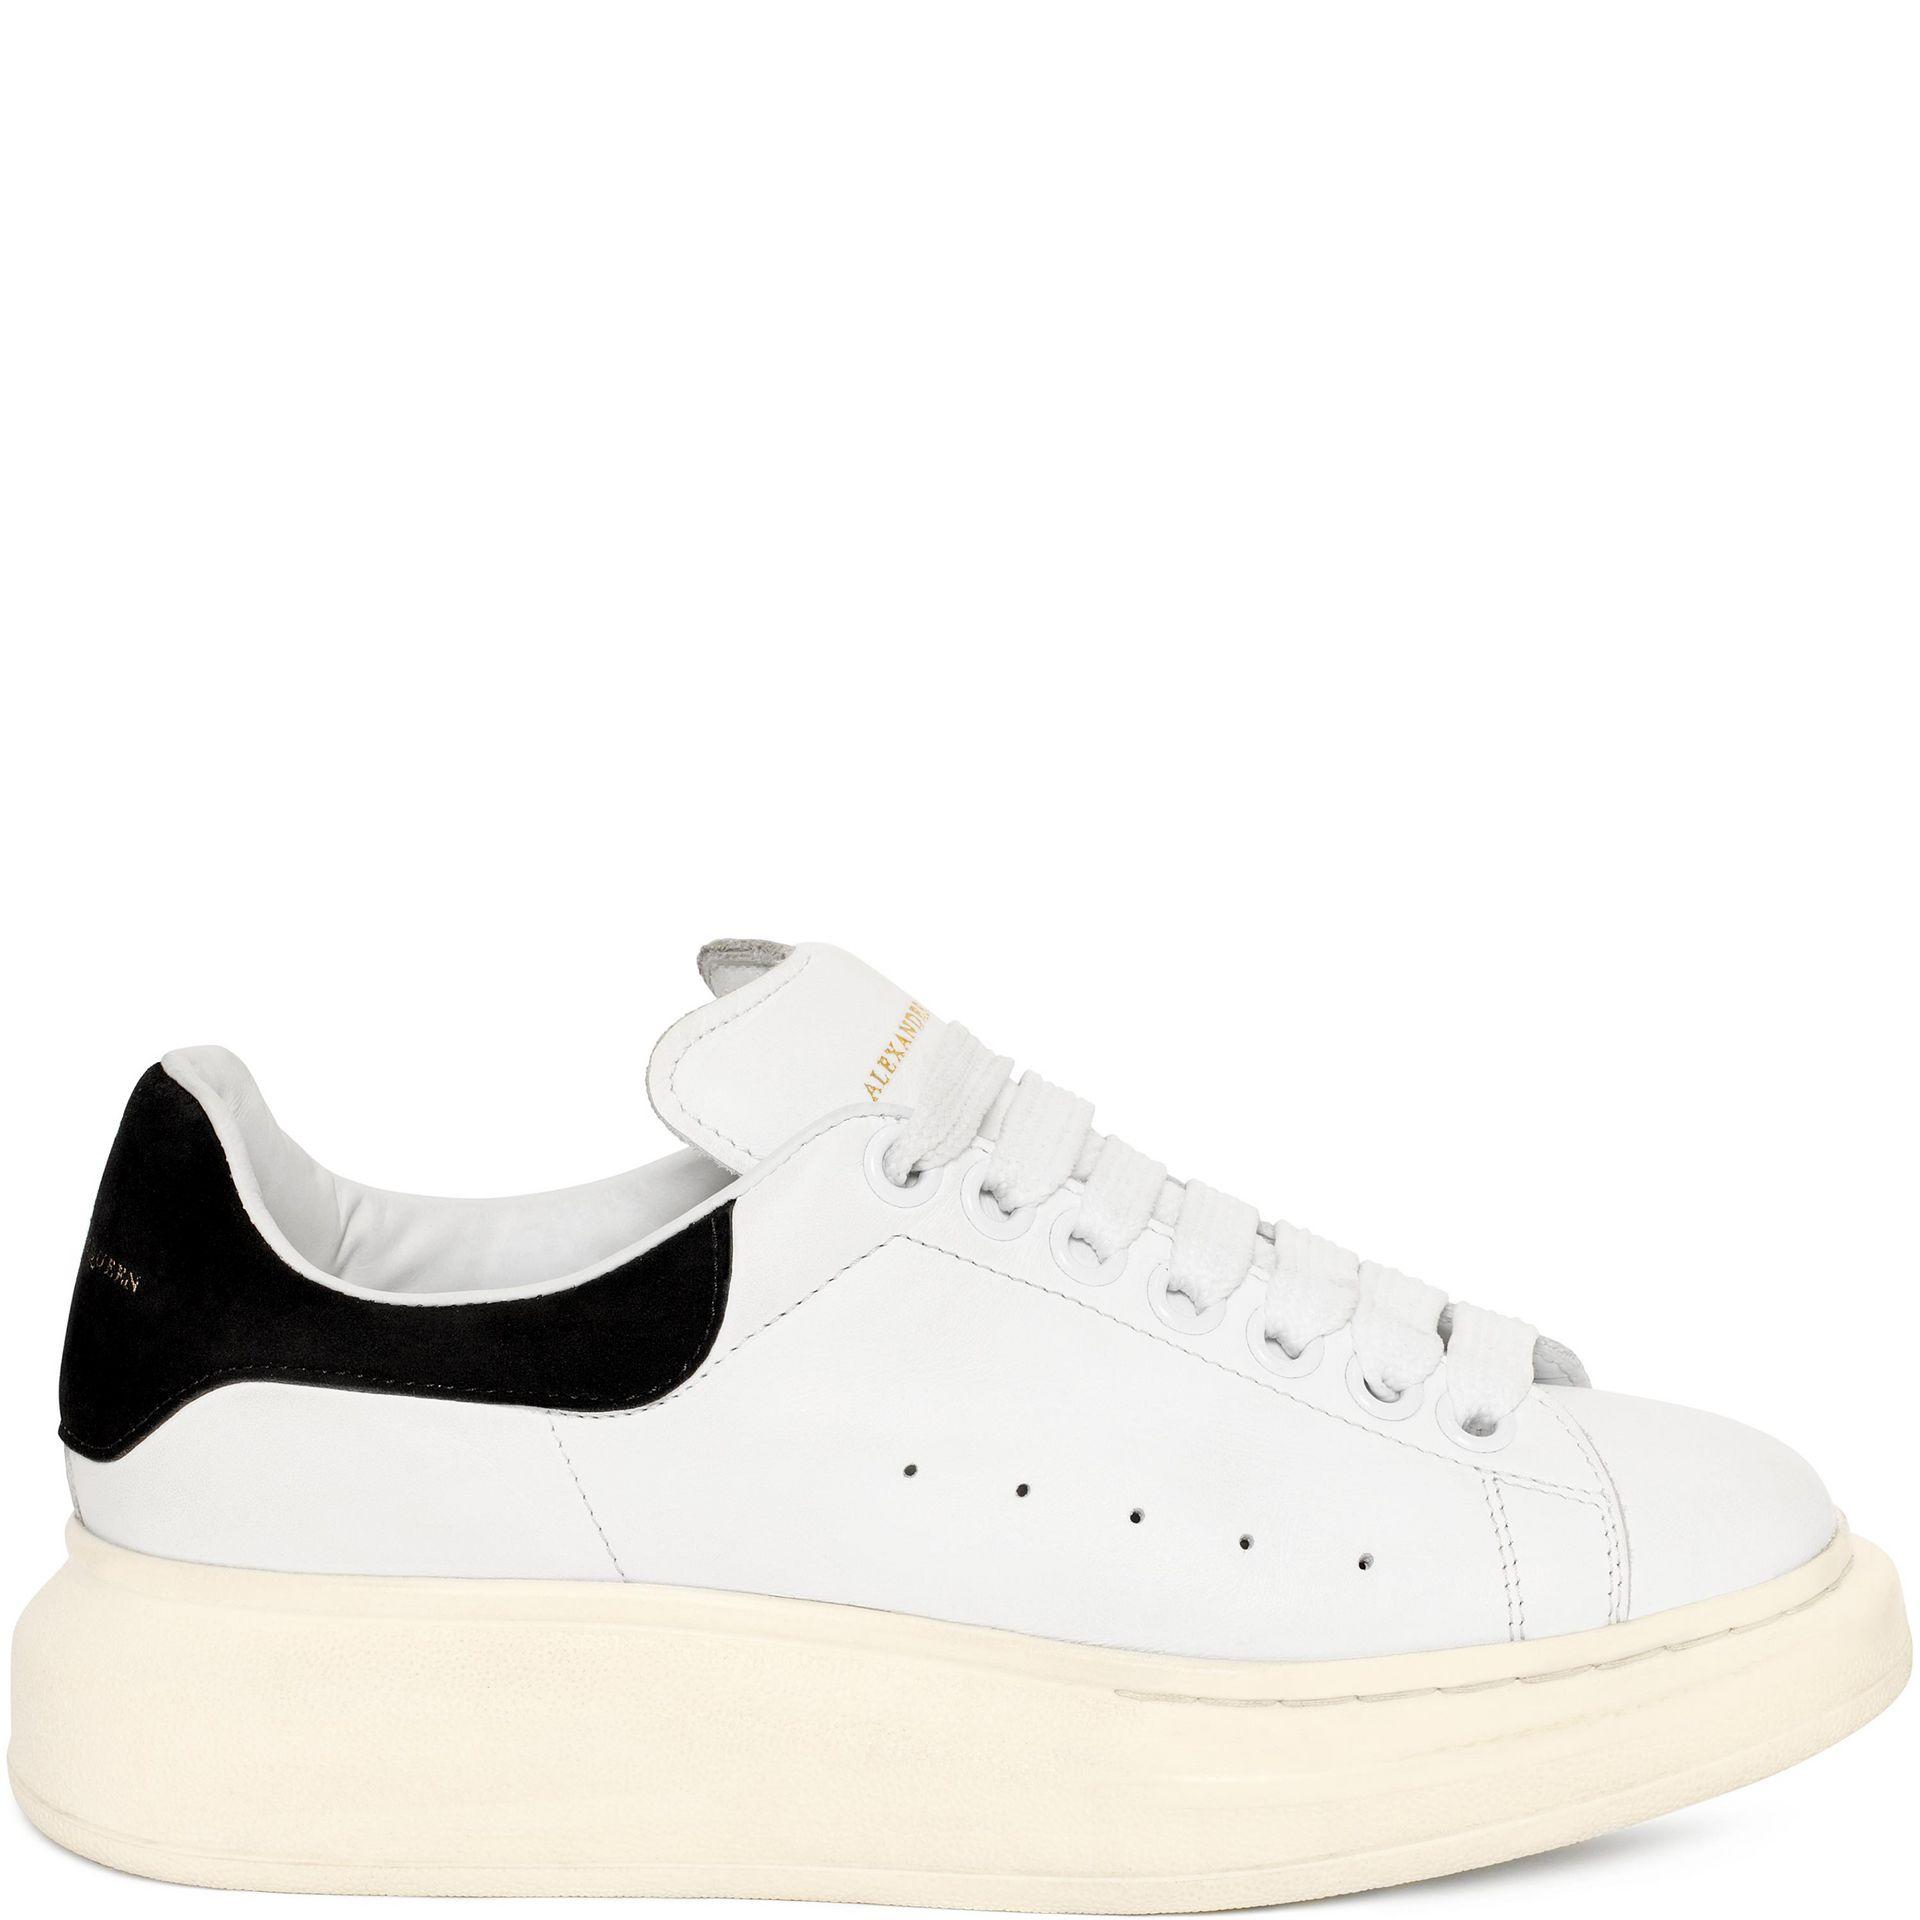 Alexander mcqueen Over... Versace Sneakers Men